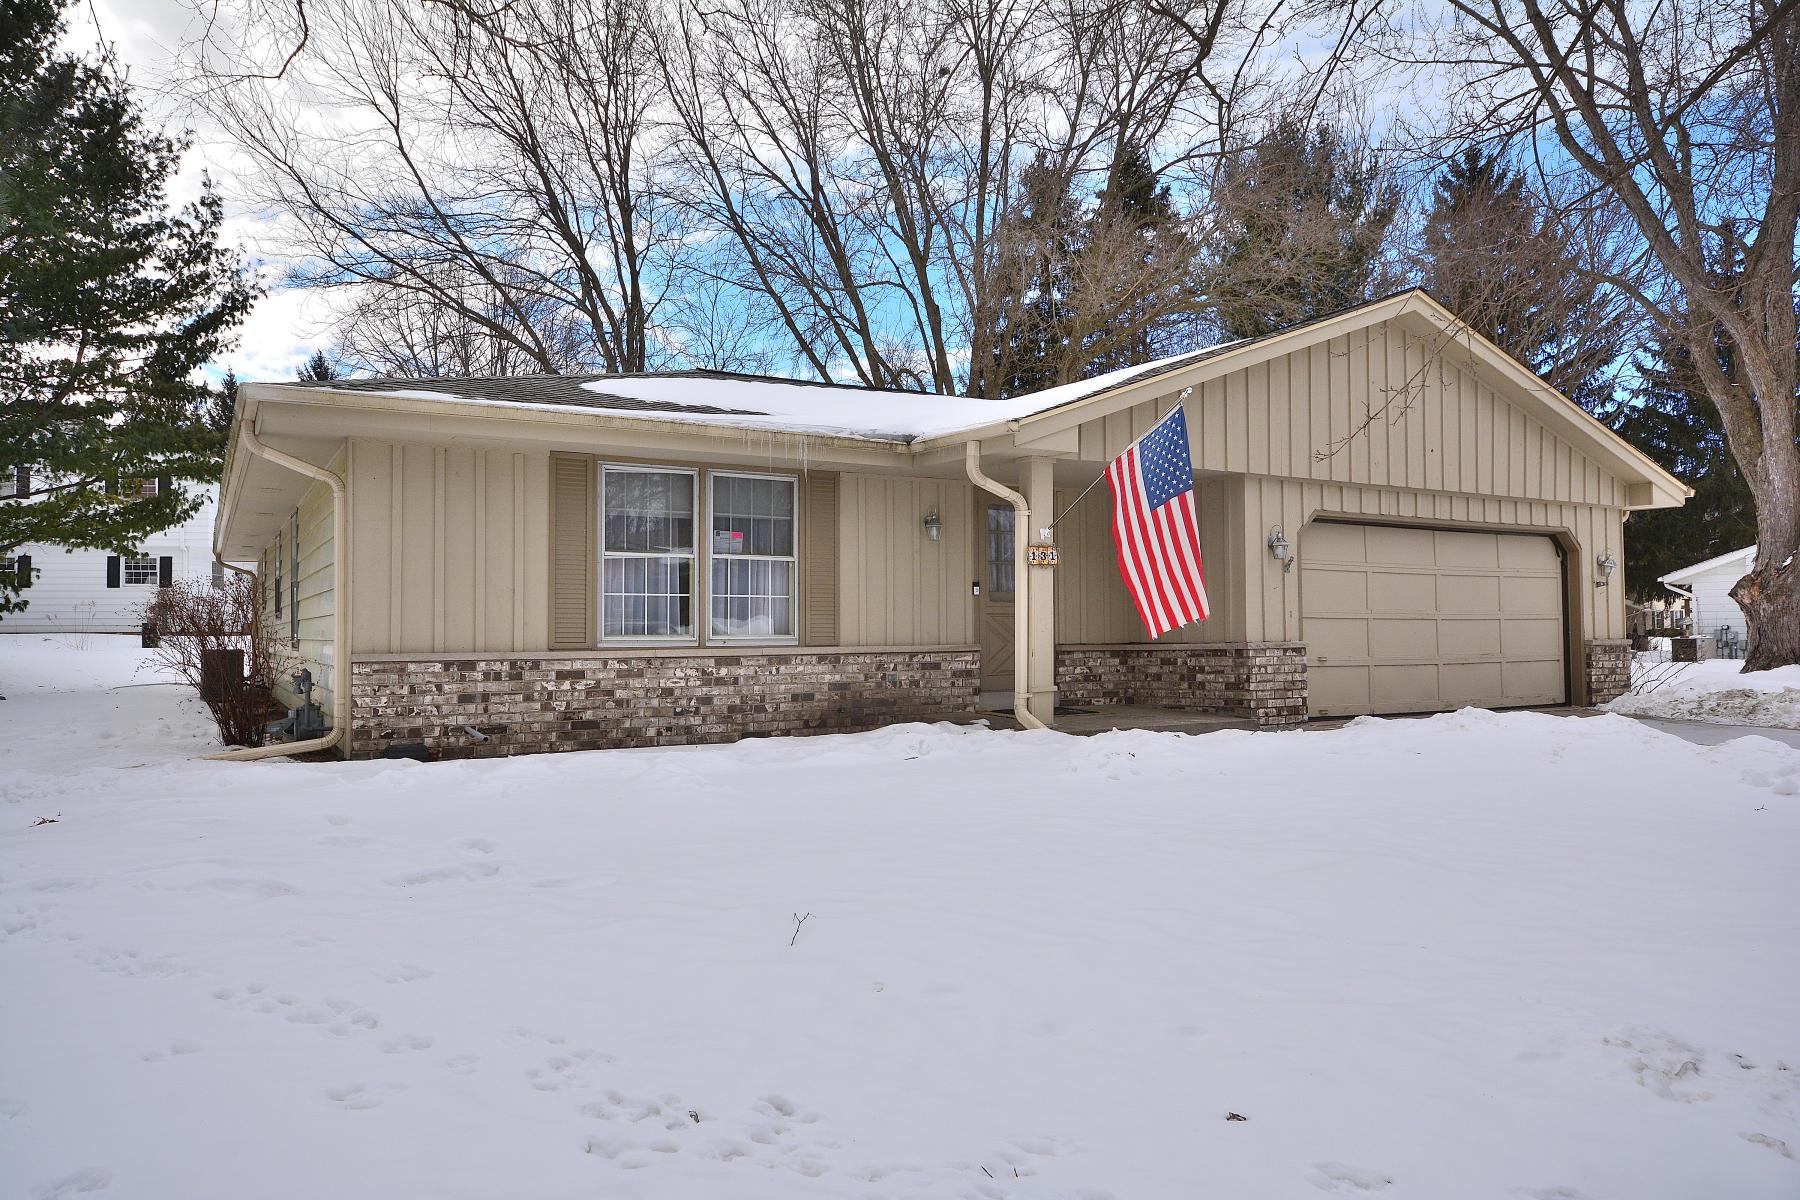 131 Debbie Ct, Waukesha, Wisconsin 53189, 3 Bedrooms Bedrooms, 7 Rooms Rooms,1 BathroomBathrooms,Single-Family,For Sale,Debbie Ct,1625794